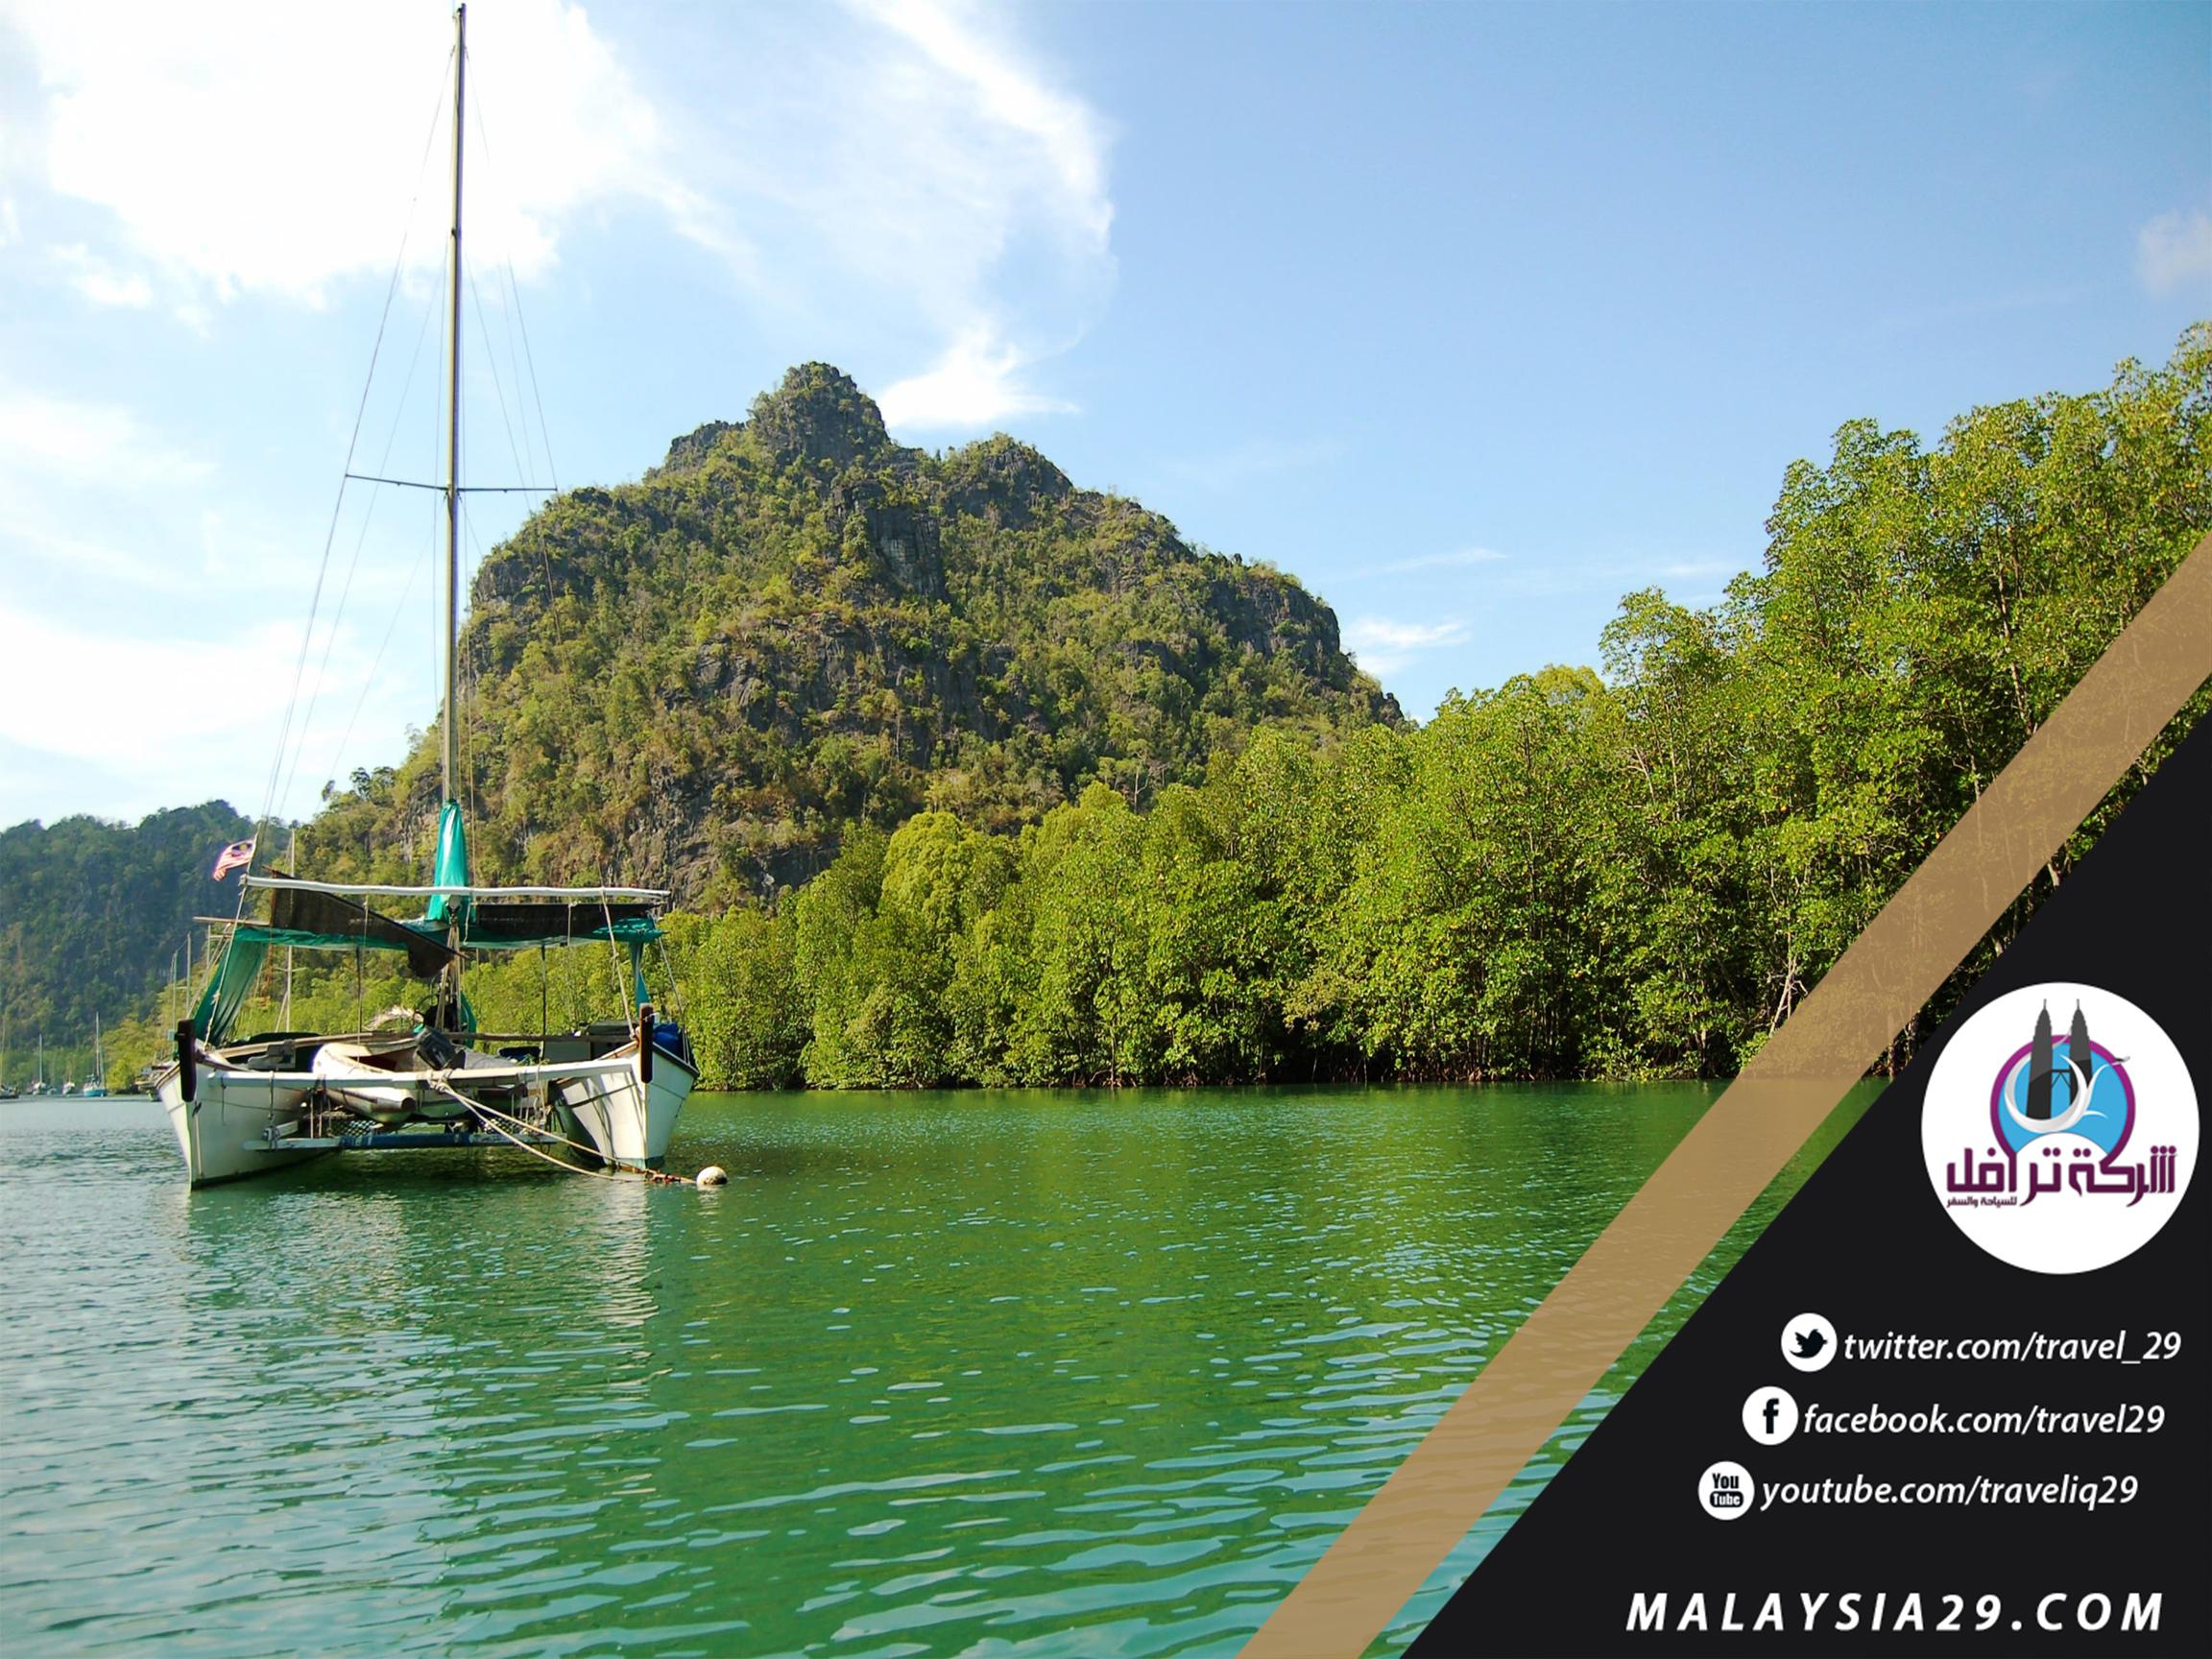 جزيرة العذراء الحامل في ماليزيا | اهم الانشطة فى جزيرة العذراء الحامل ماليزيا